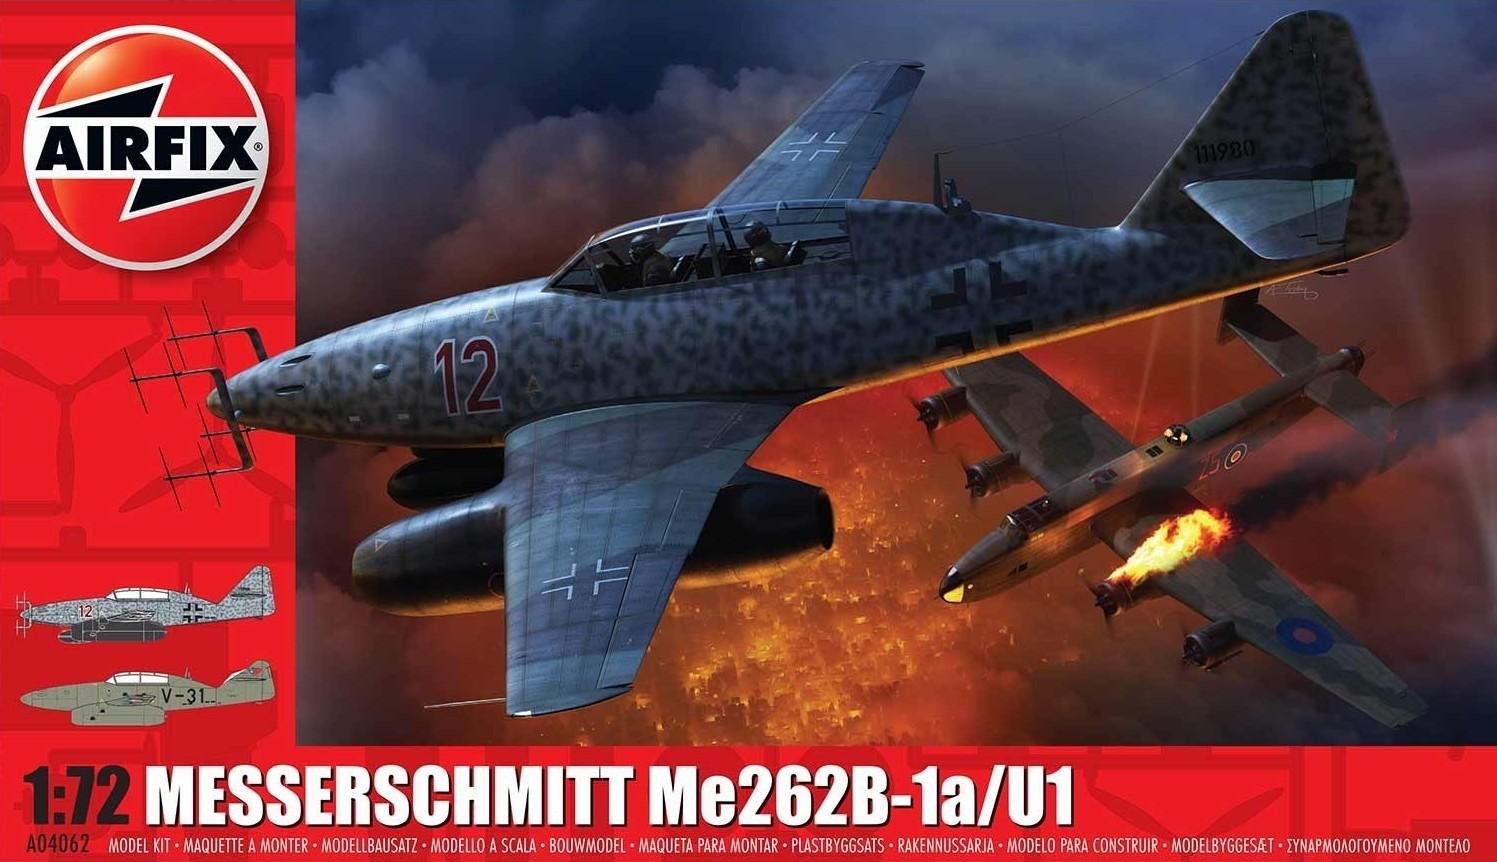 Me262B-1a